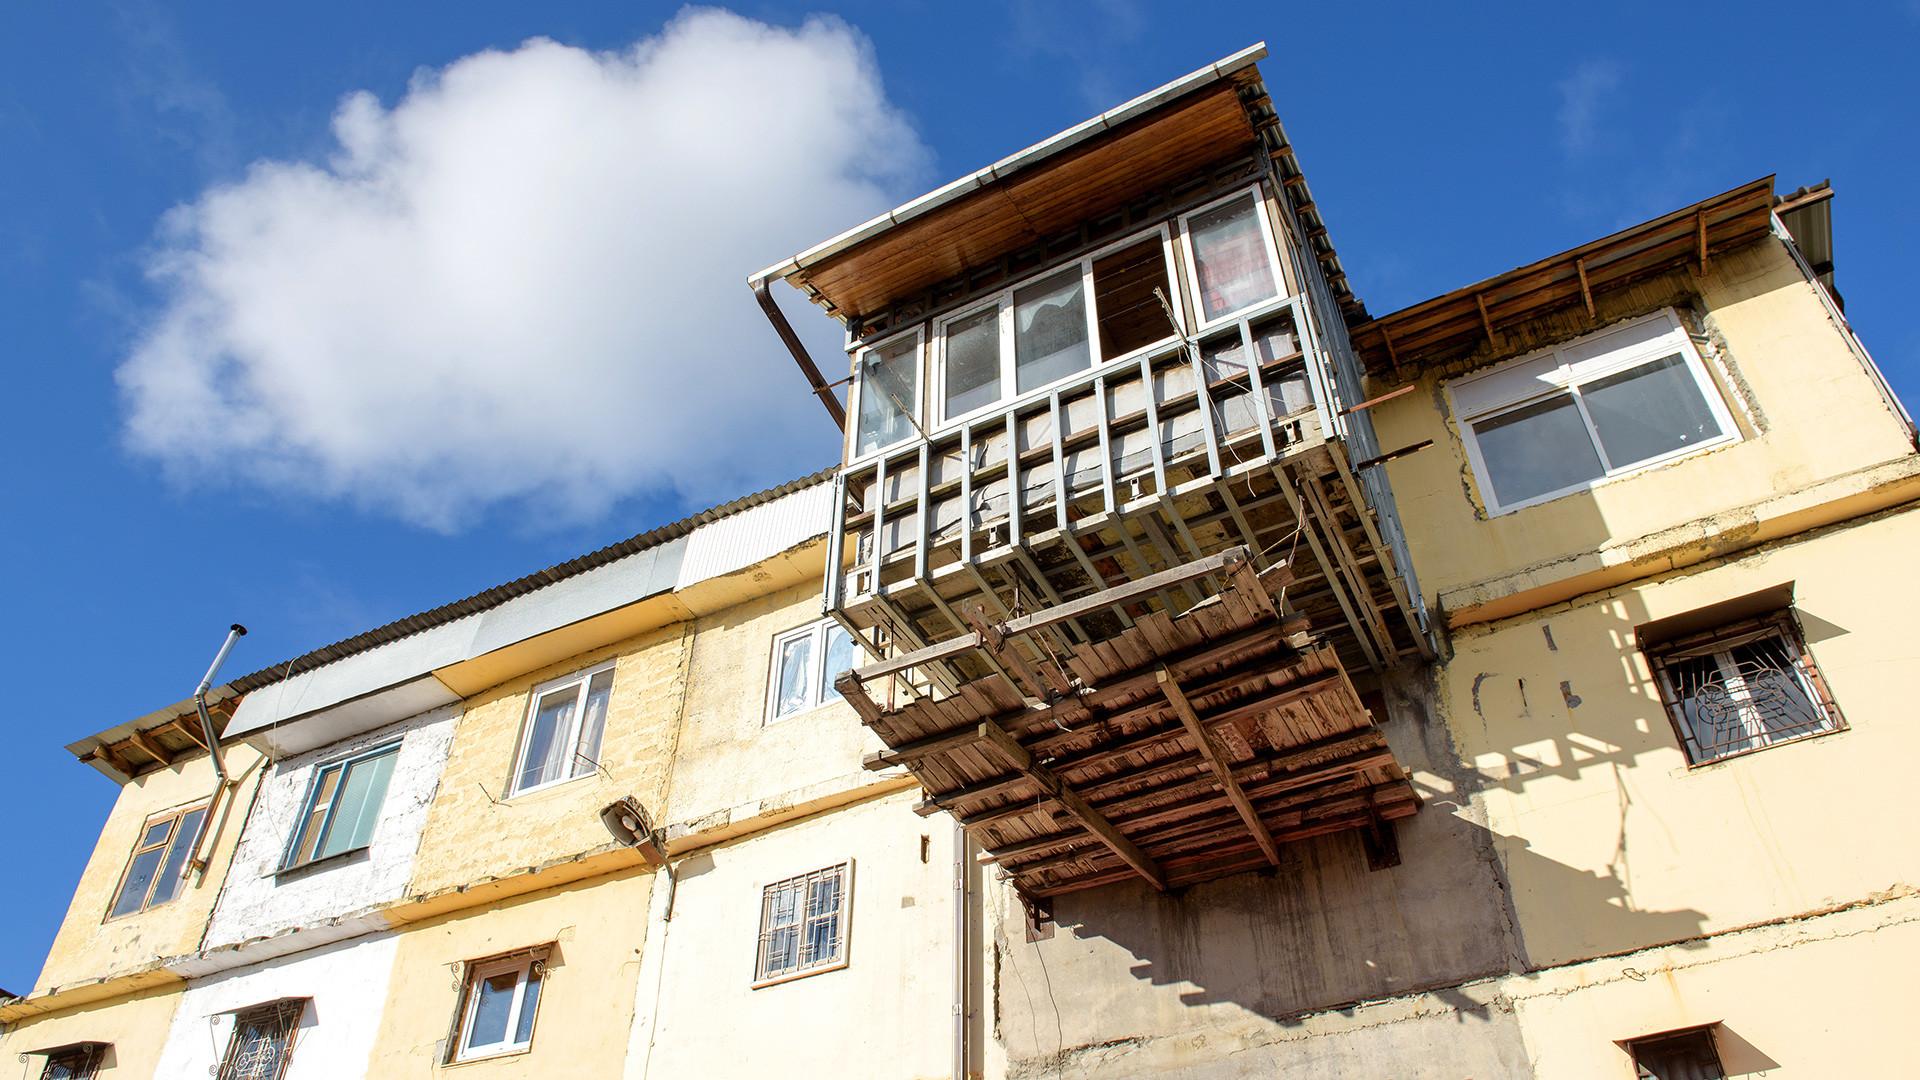 Жилые гаражи на улице Альпийской в Центральном районе Сочи.